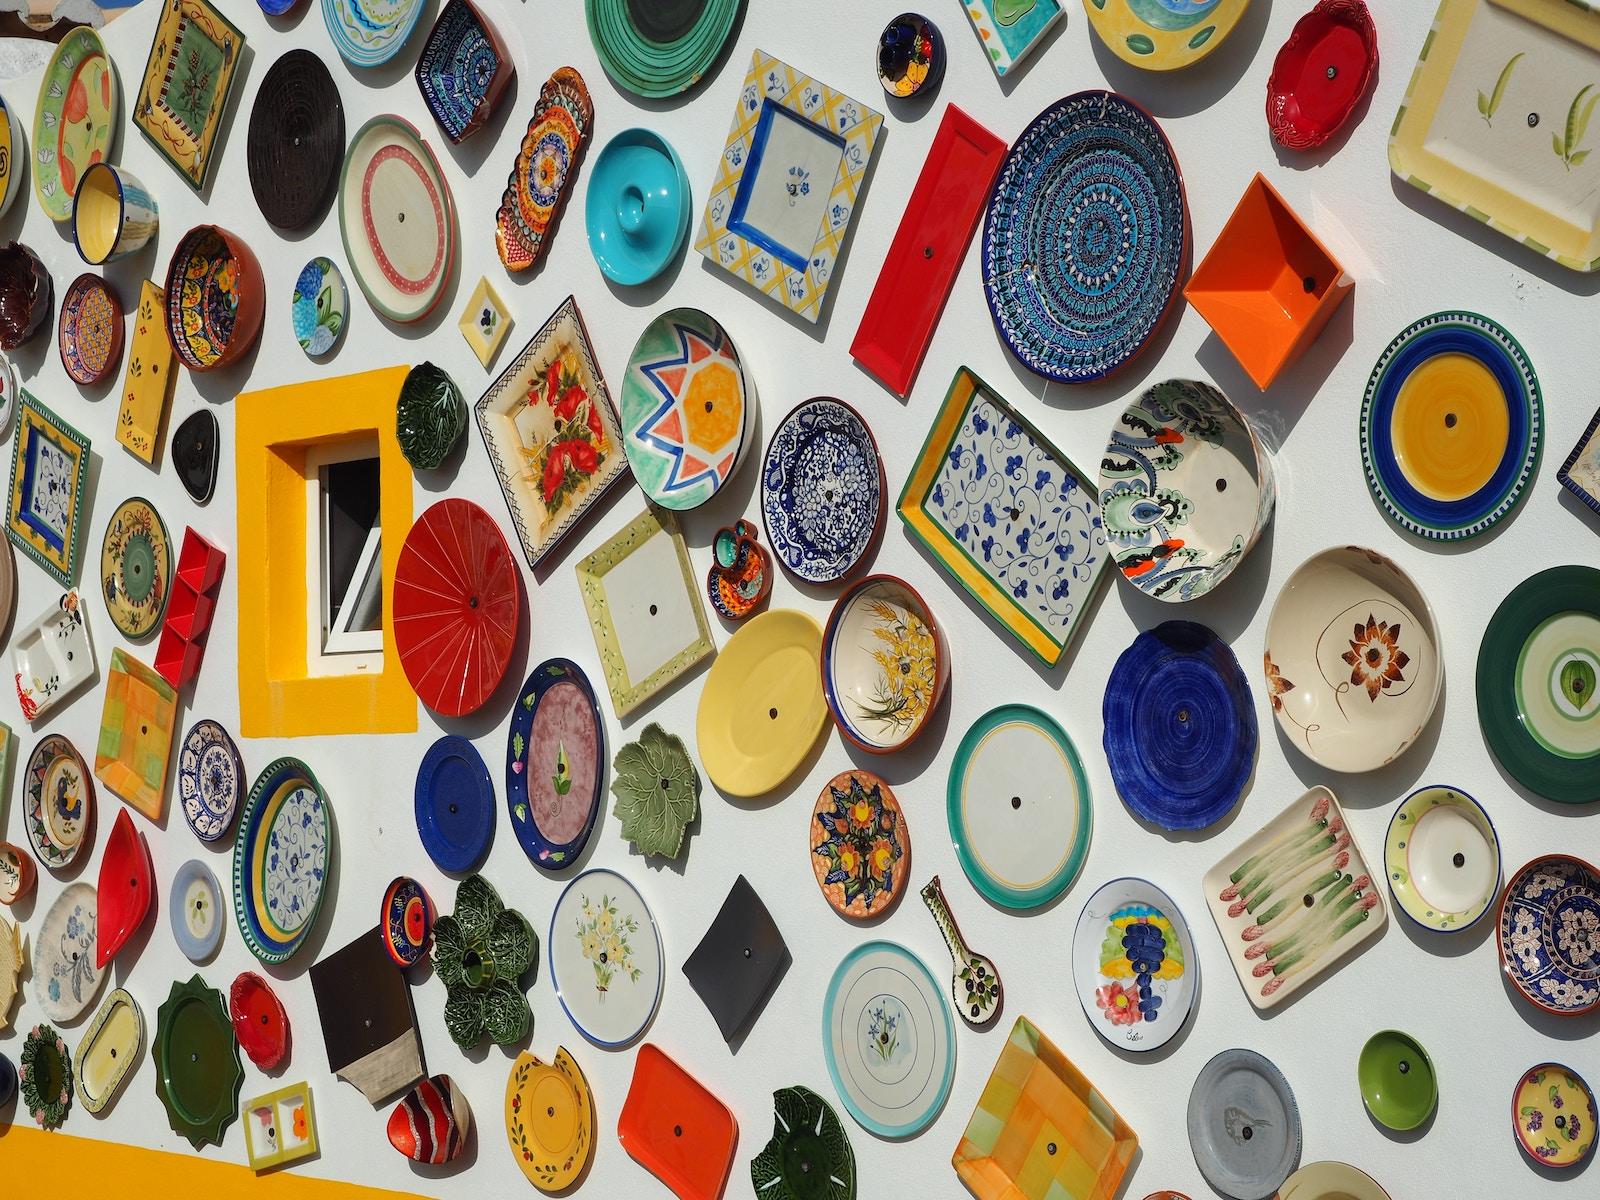 Магазин керамики Art Shop